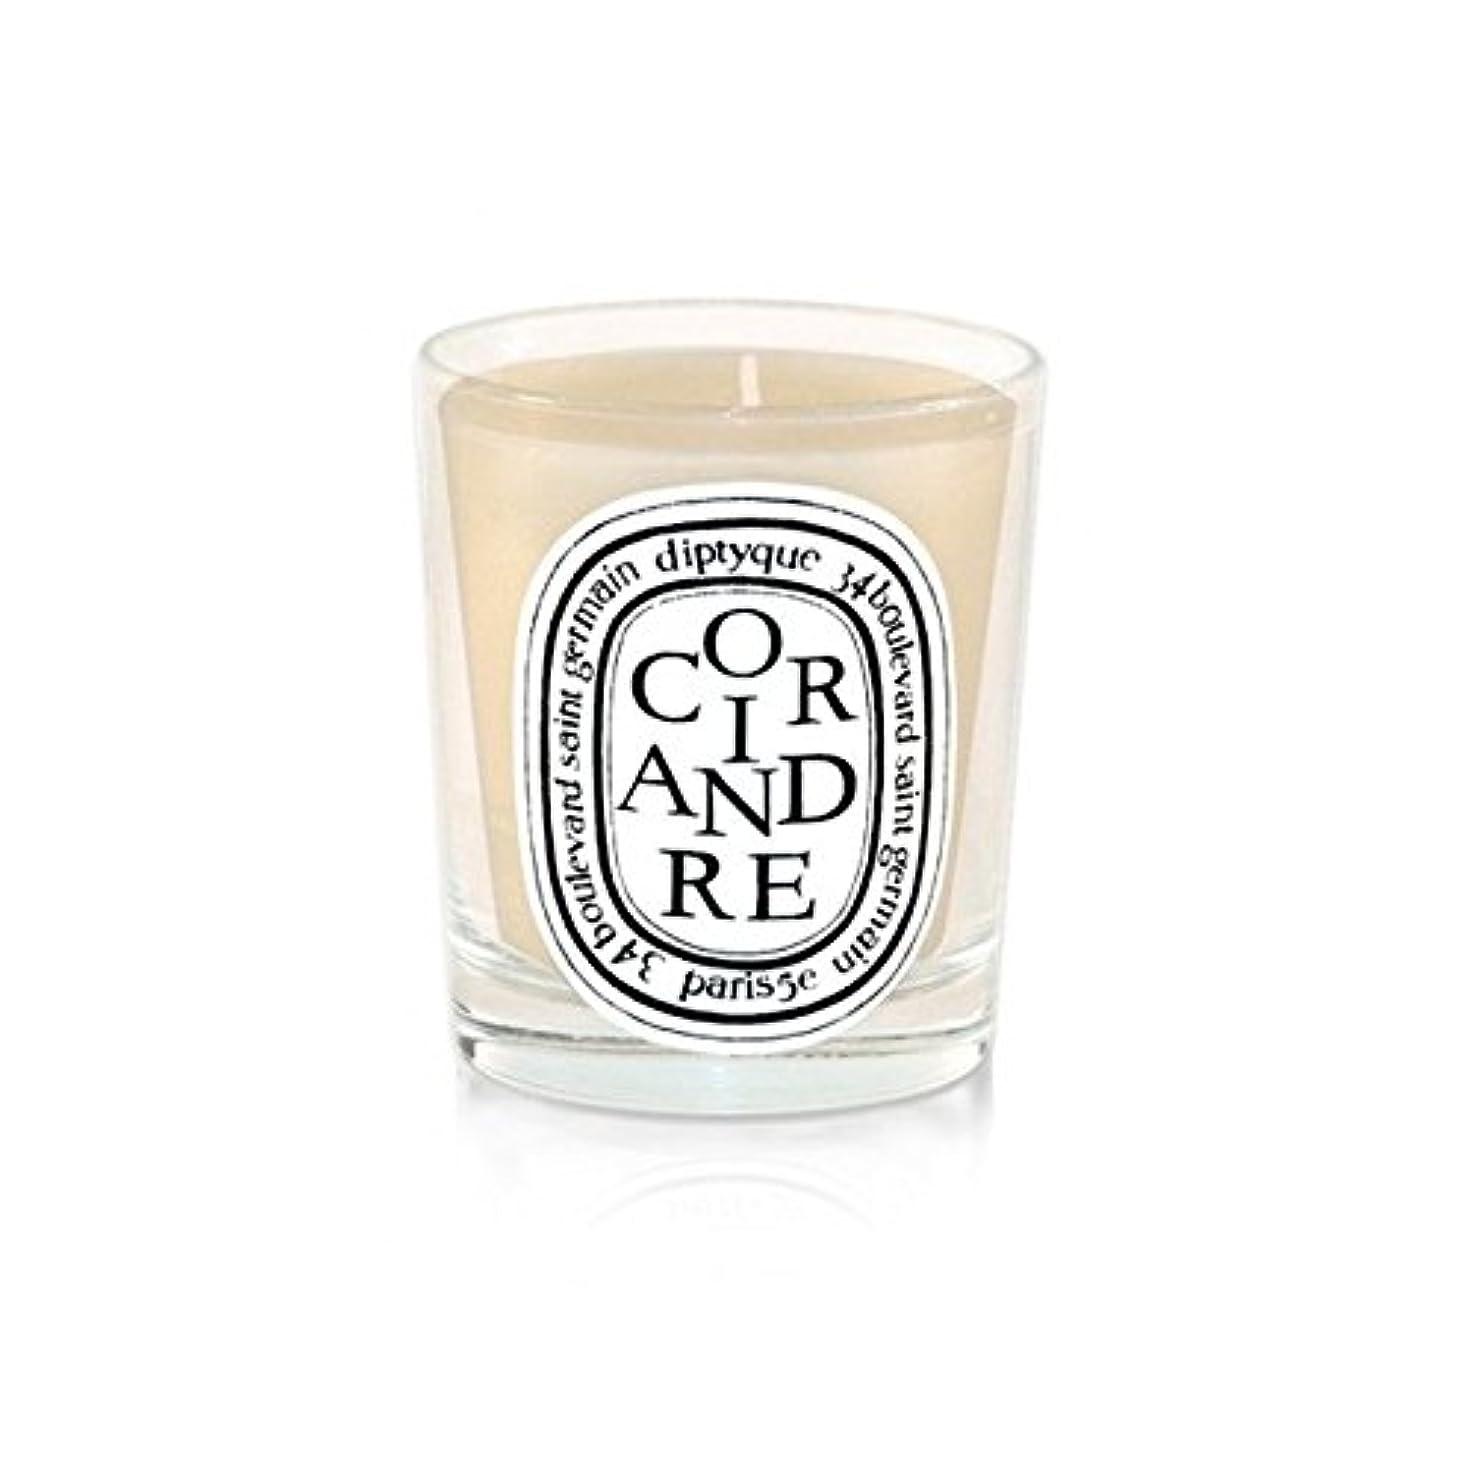 クリエイティブキモいデコレーションDiptyqueキャンドルCoriandre /コリアンダー190グラム - Diptyque Candle Coriandre / Coriander 190g (Diptyque) [並行輸入品]